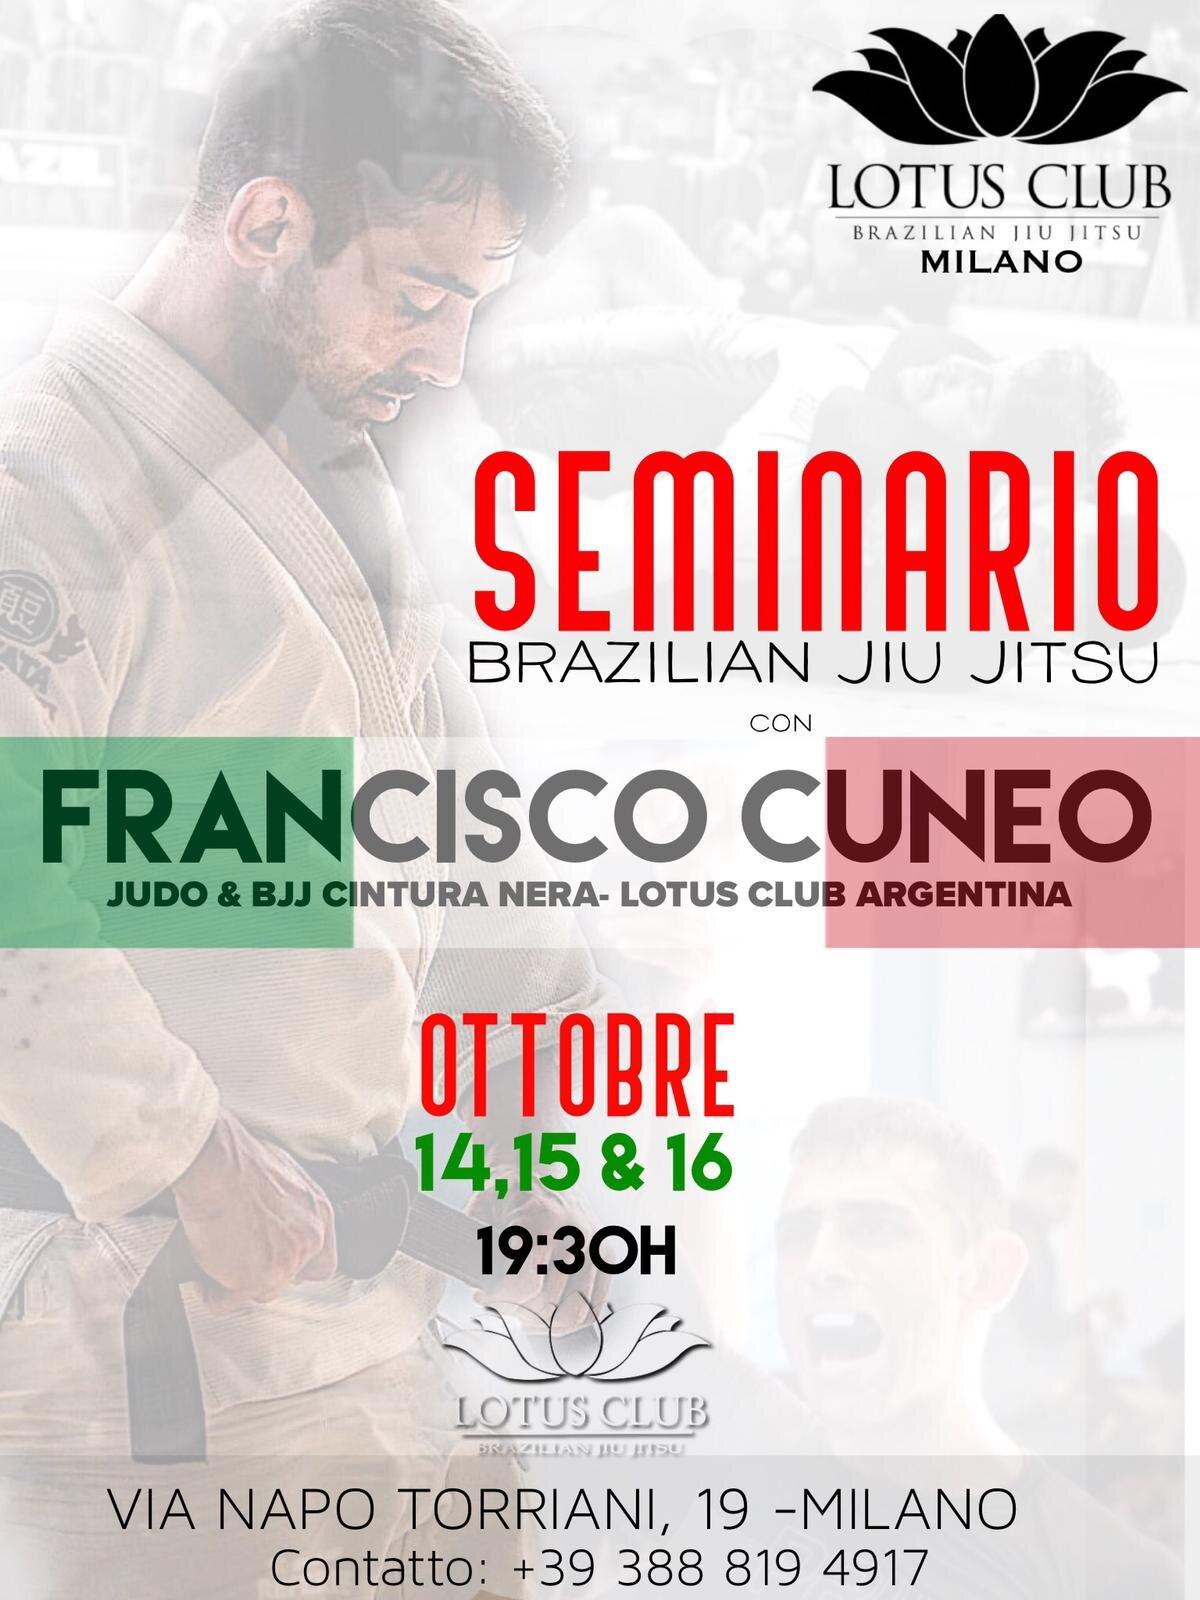 Seminario_Francisco_Cuneo_14-10-19.jpg